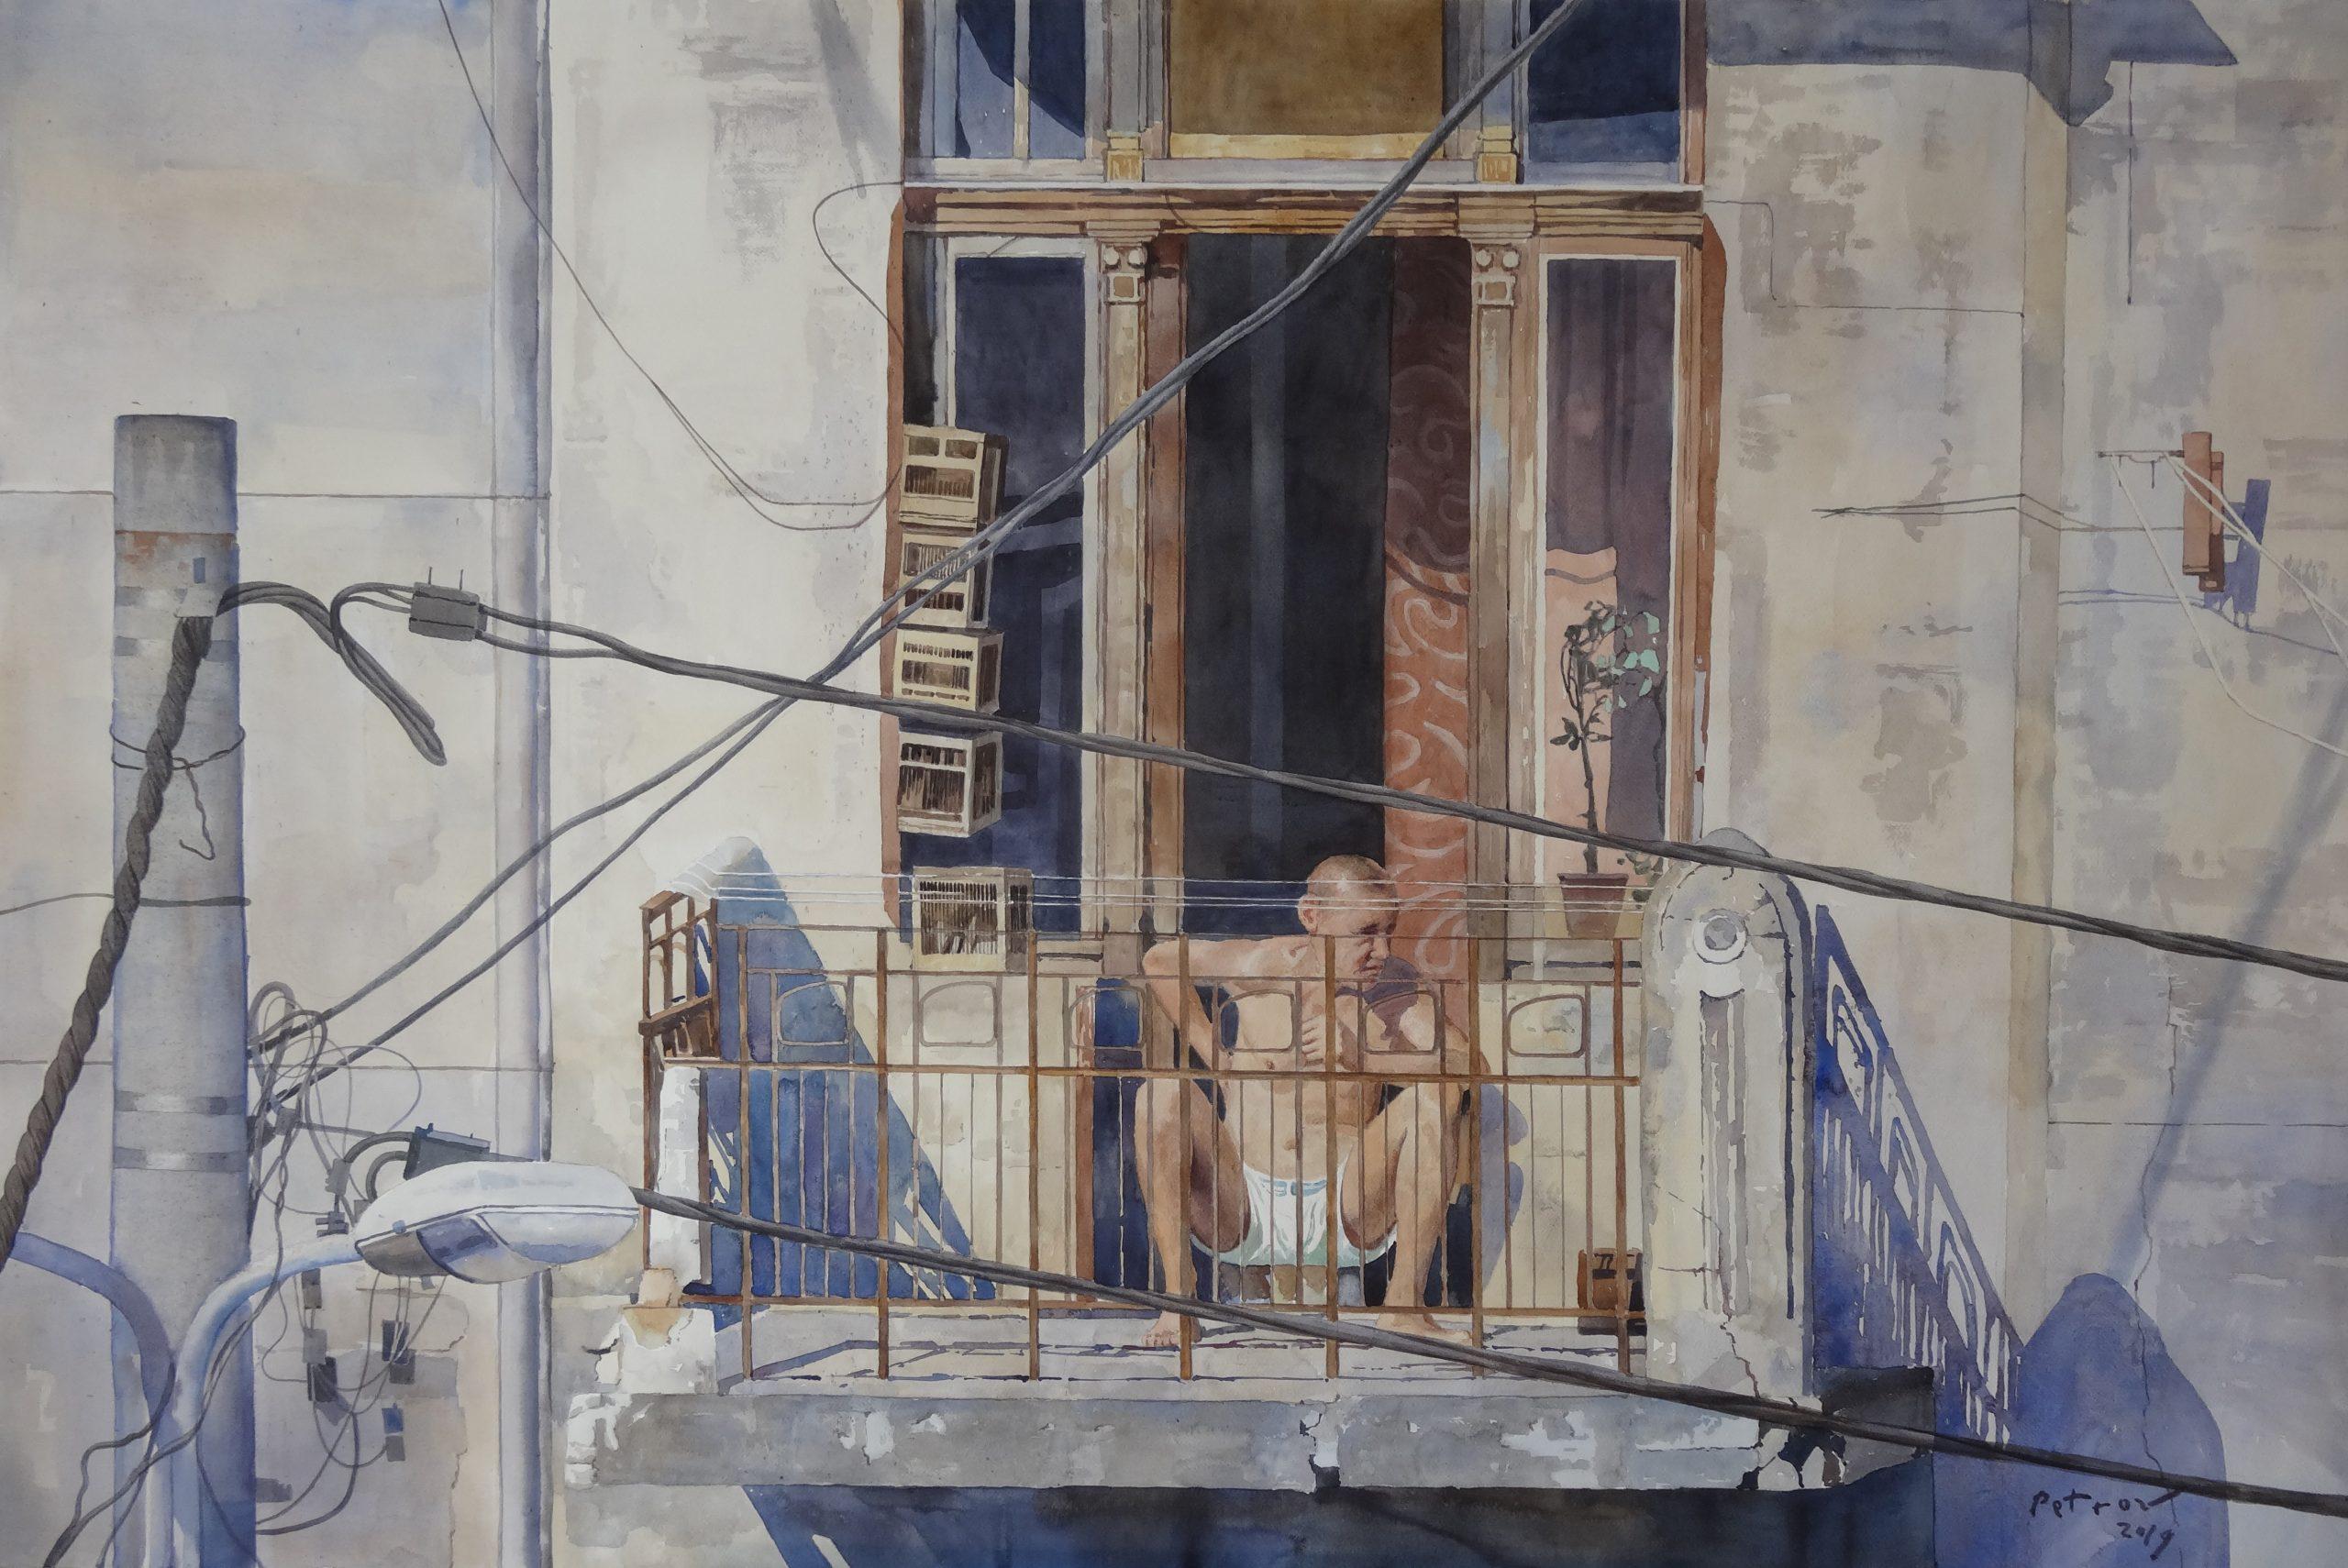 On the Balcony, 2019 - Yevgeny Petrov